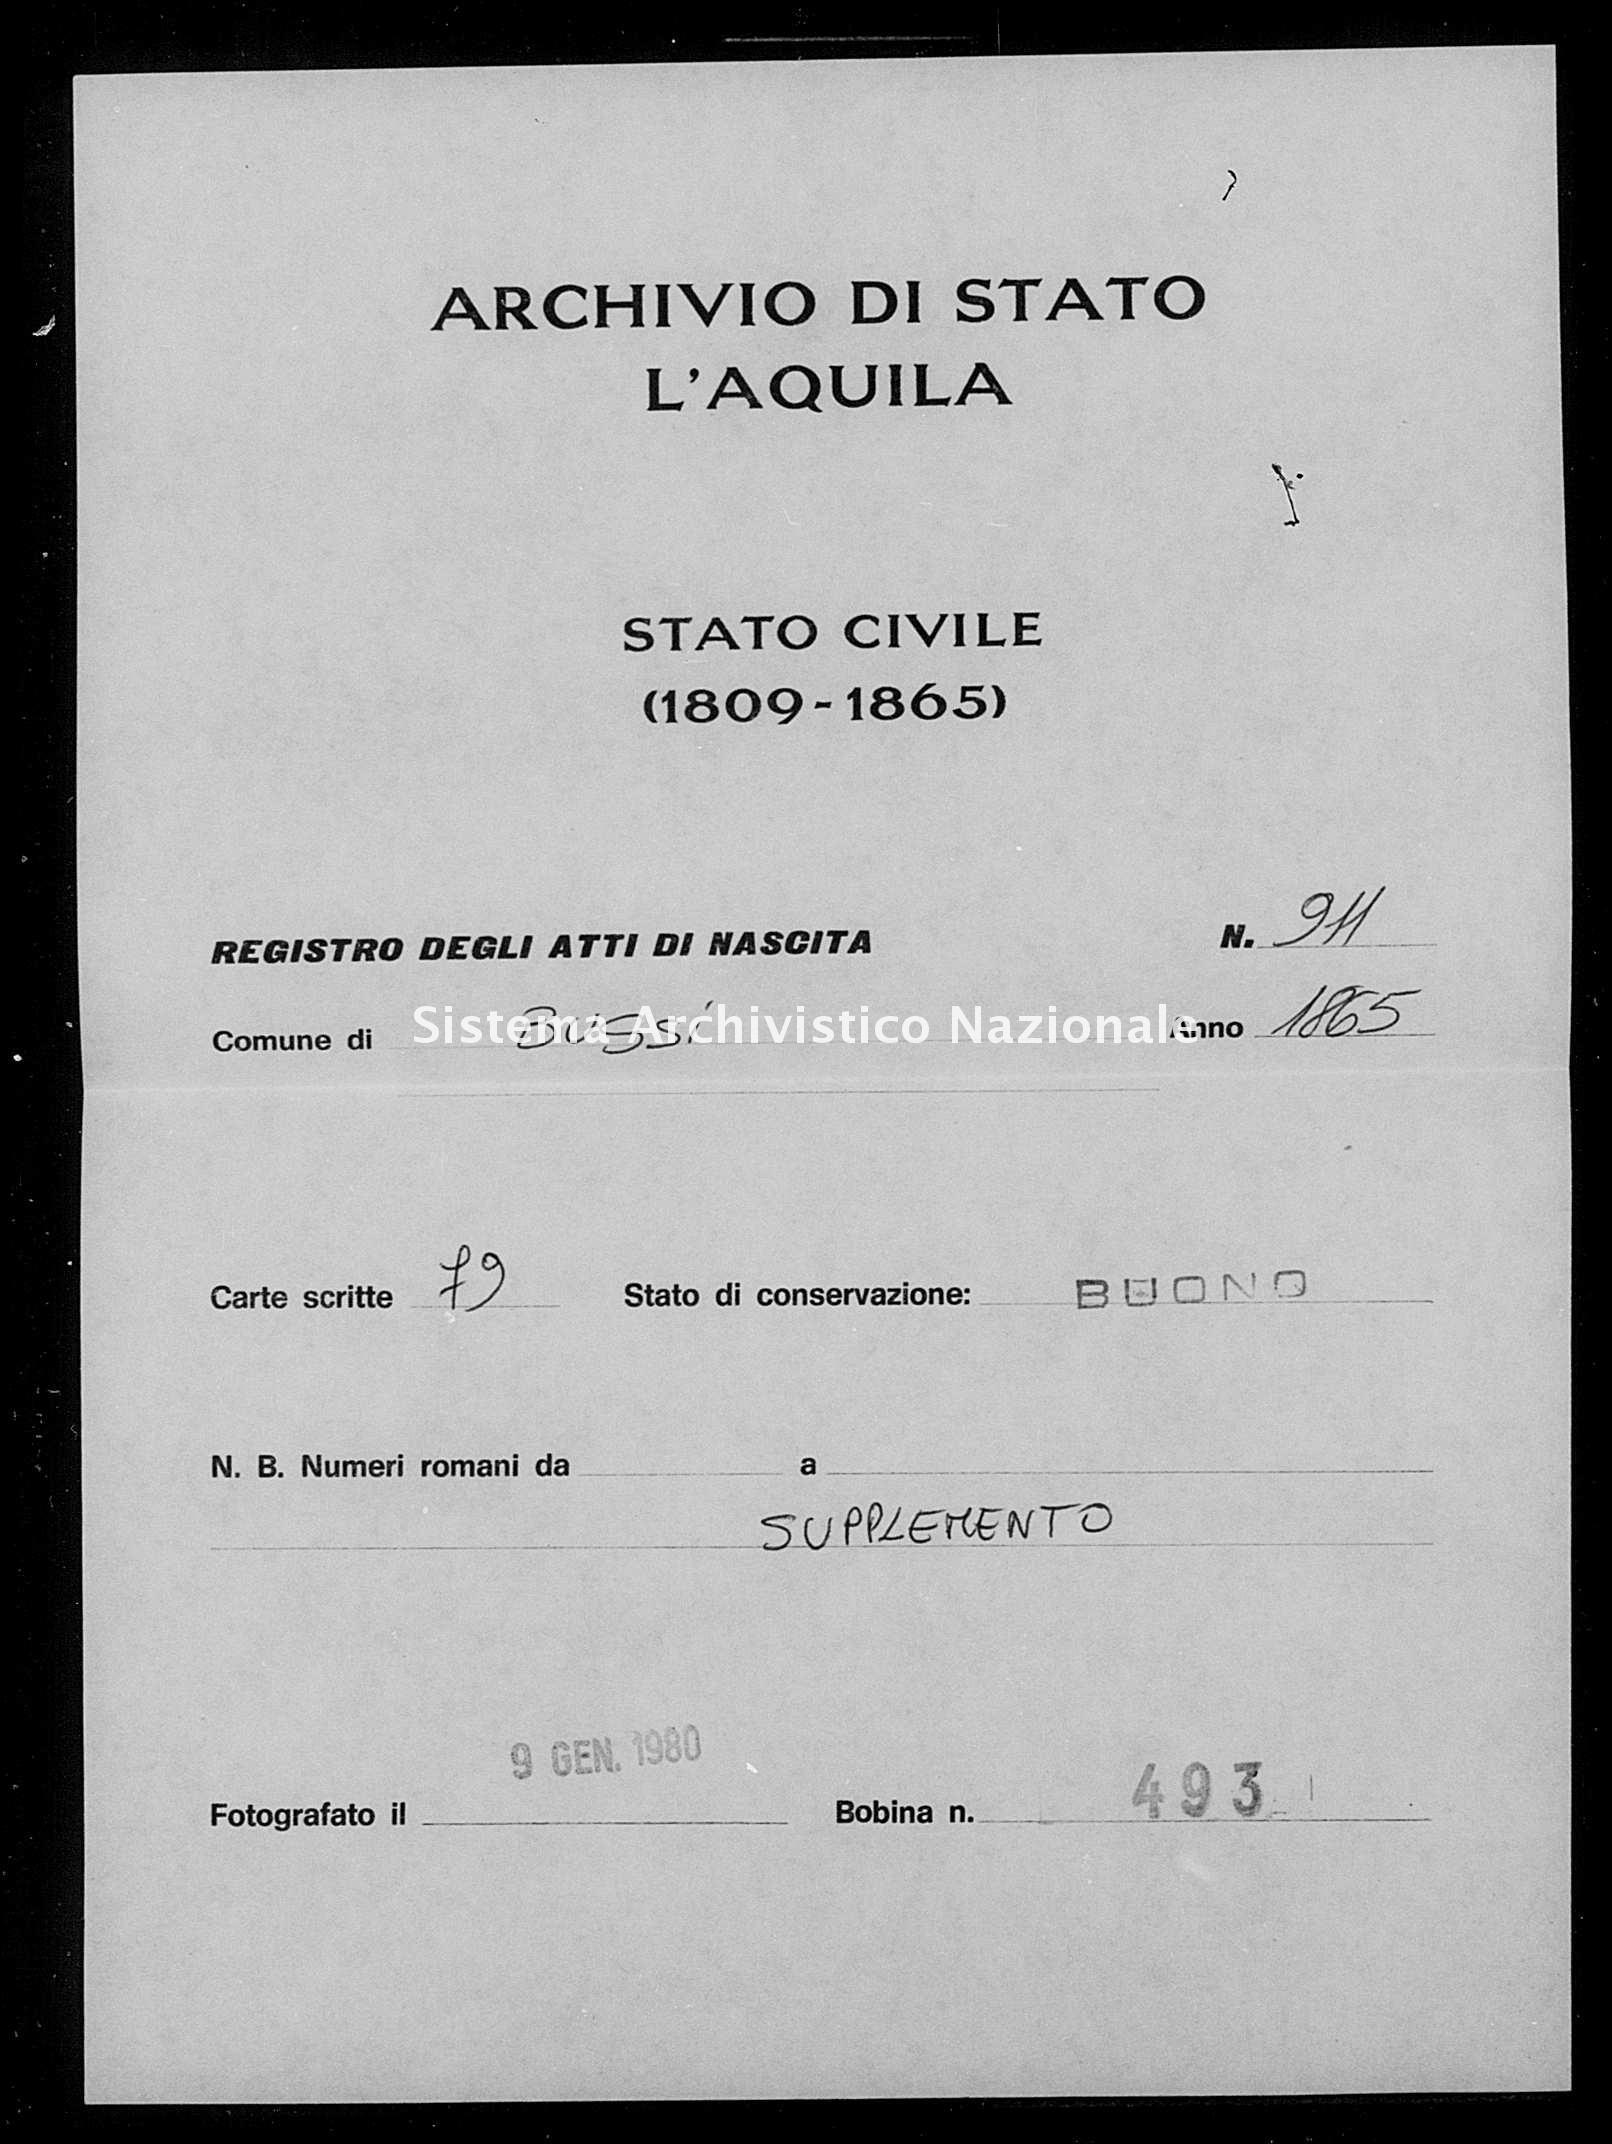 Archivio di stato di L'aquila - Stato civile italiano - Bussi sul Tirino - Nati, battesimi - 1865 - 911 -